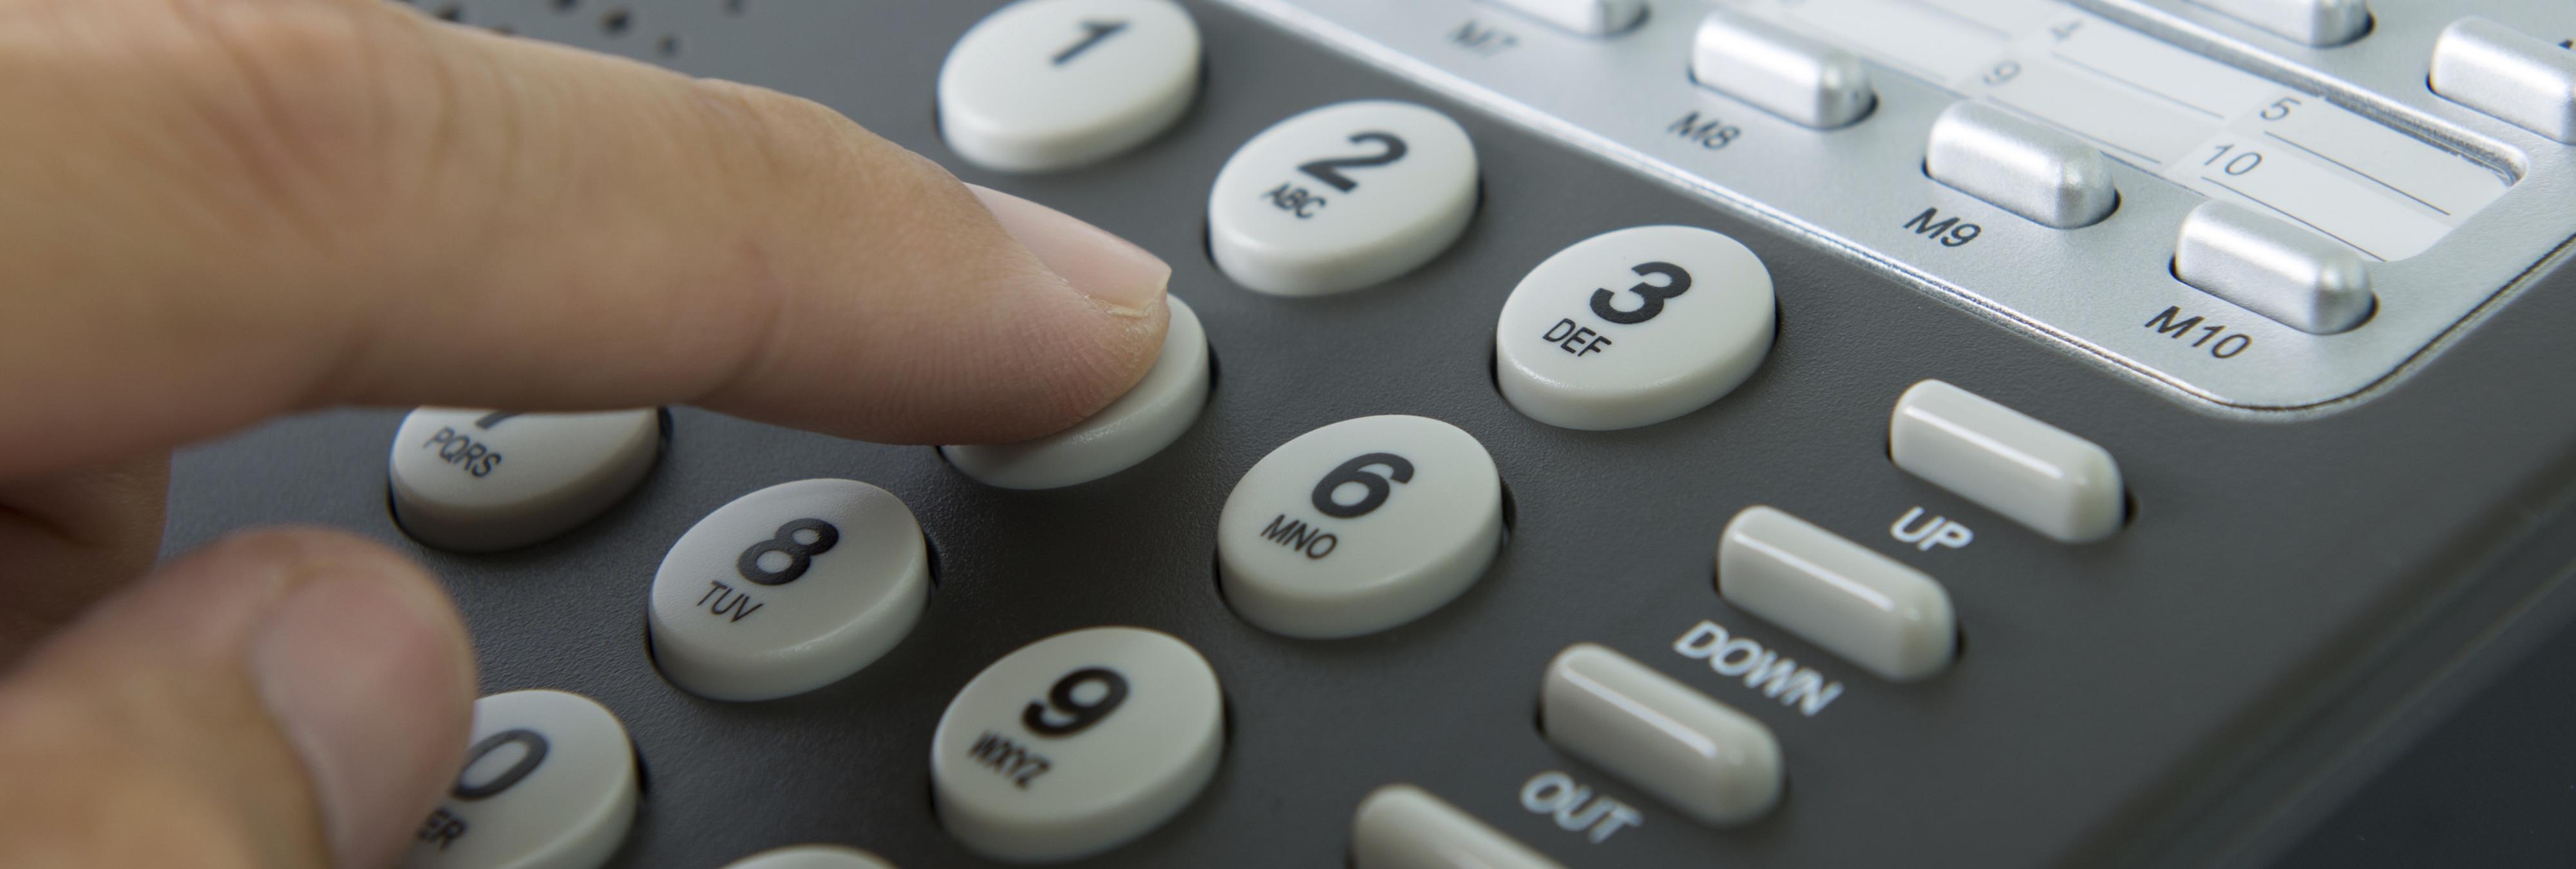 Los teléfonos de Madrid tendrán un prefijo diferente al 91 tras el inminente agotamiento de líneas